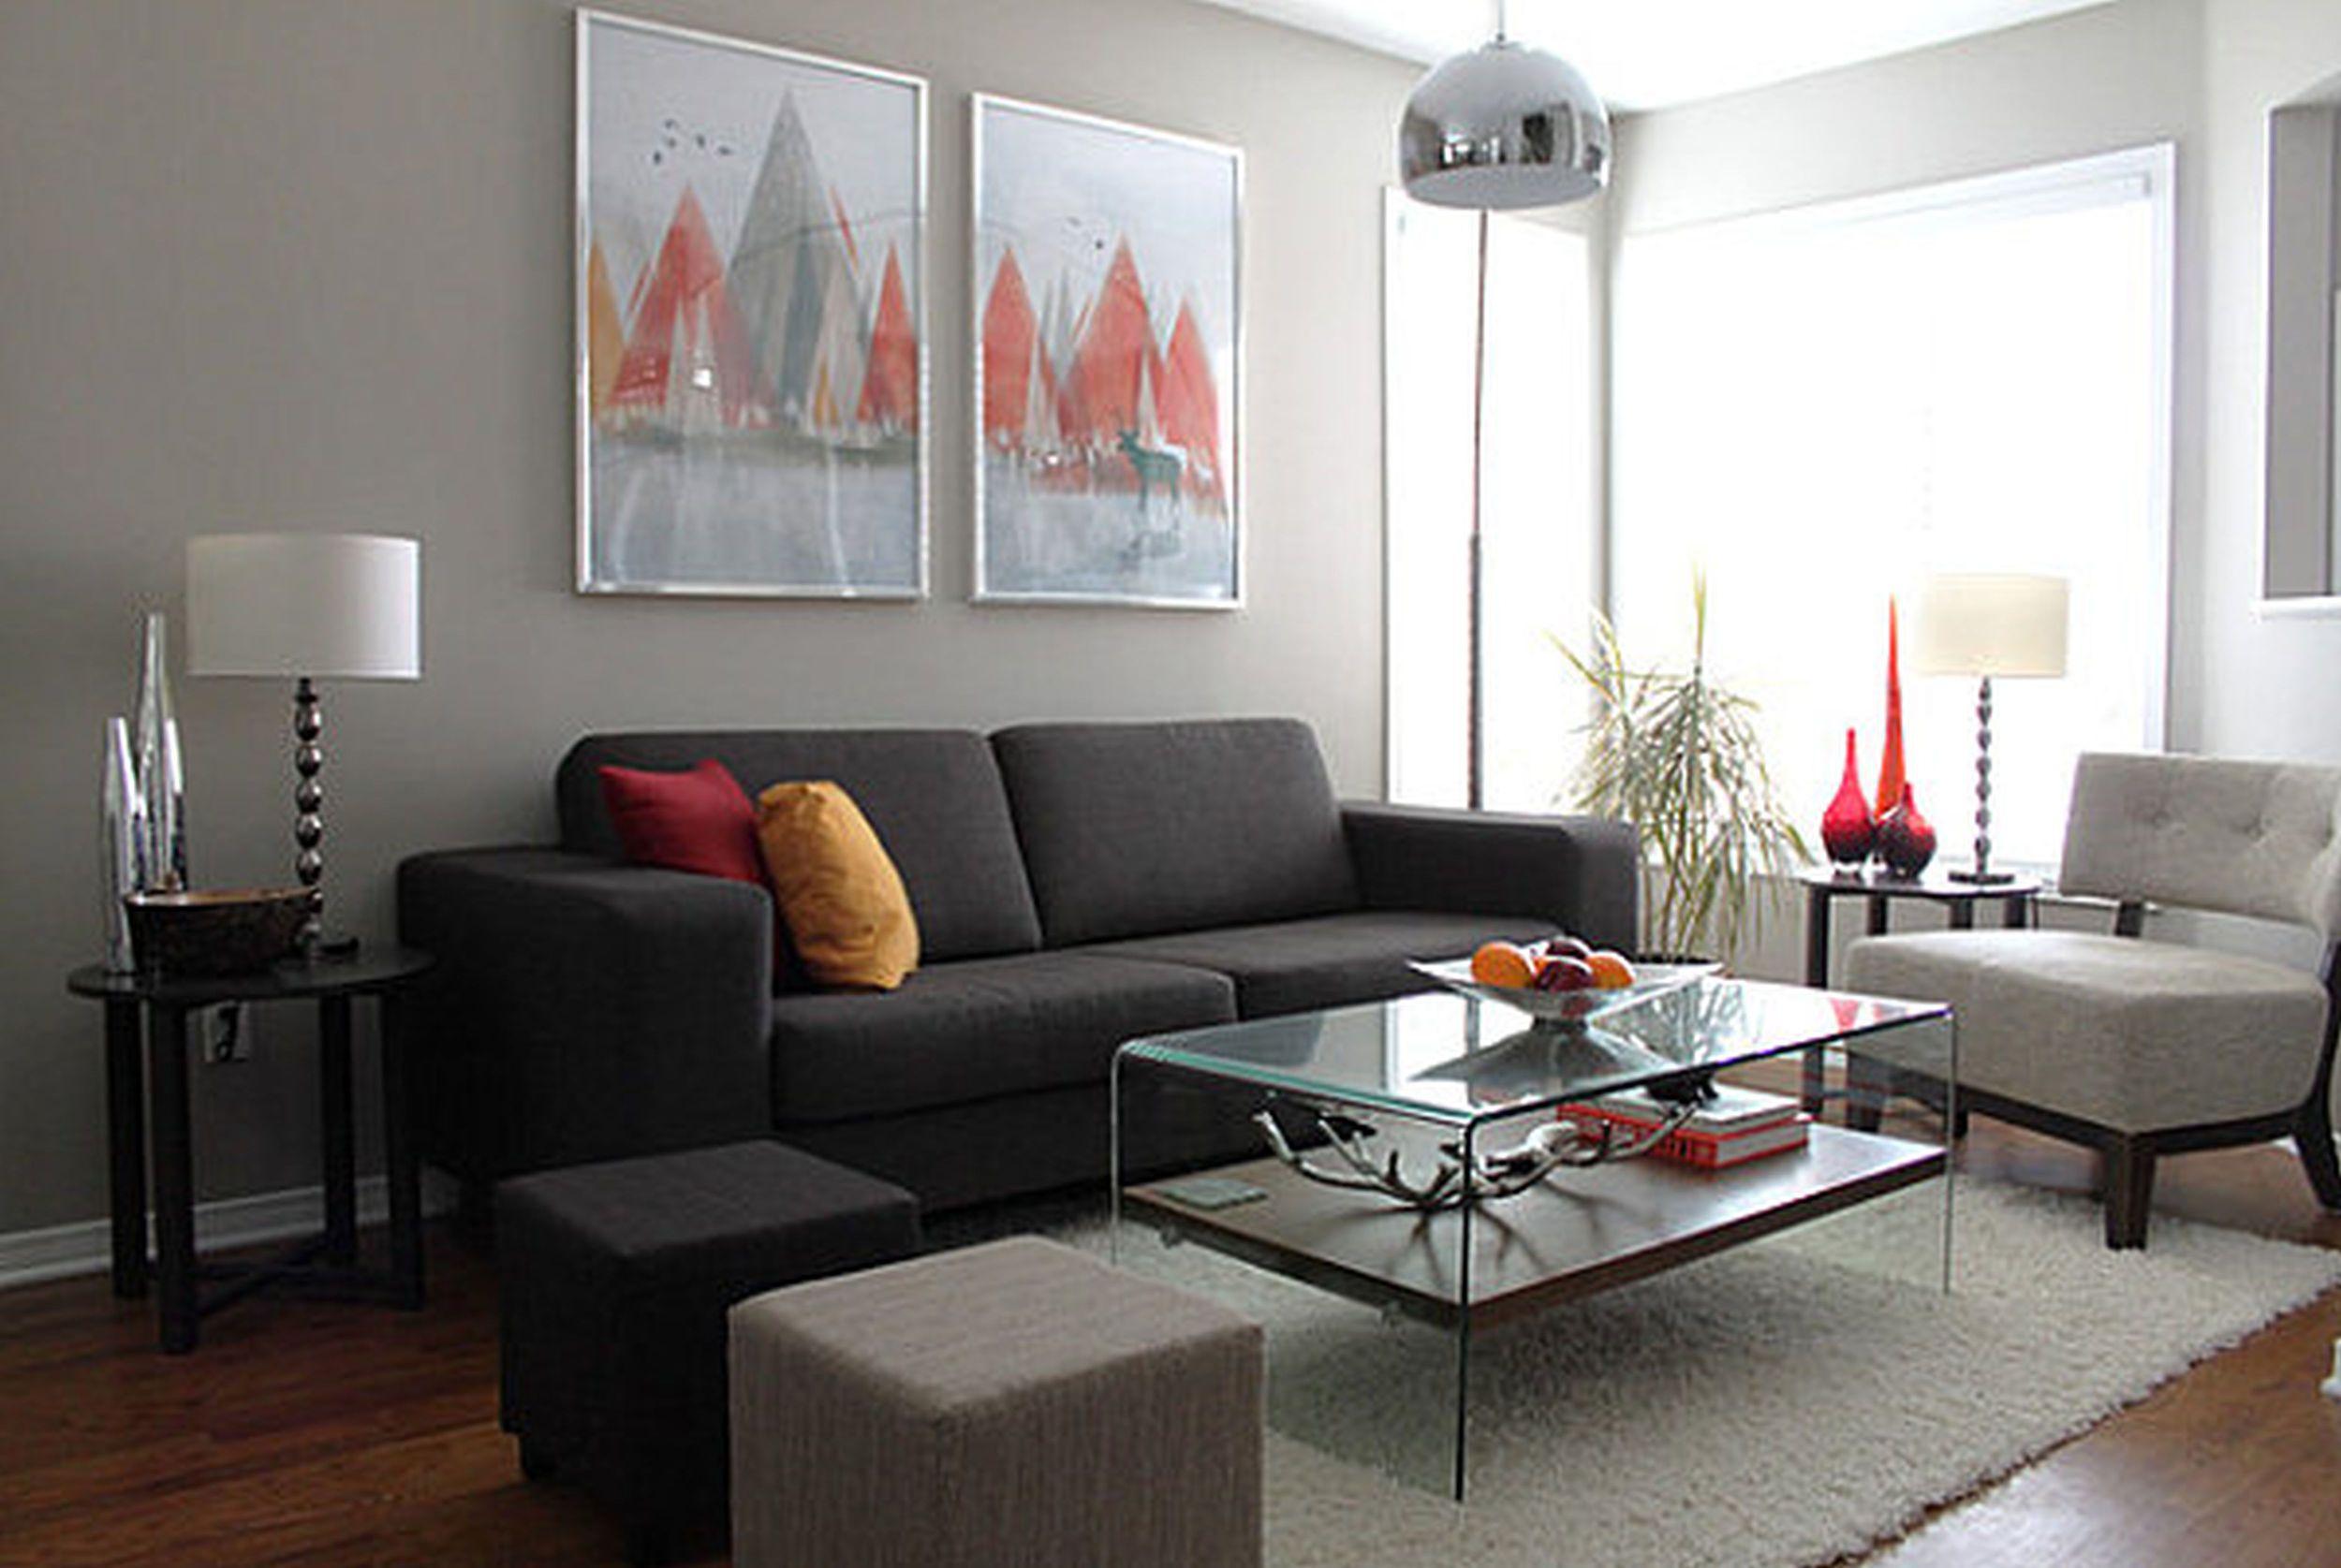 bedst-møbler-ikea-stue-sæt-strålende-ideer-til-fantastisk-abstrakt-maleri-printbare-sort-sofa-hvid-pels-tæppe-glas-bord-stående-moderne stil